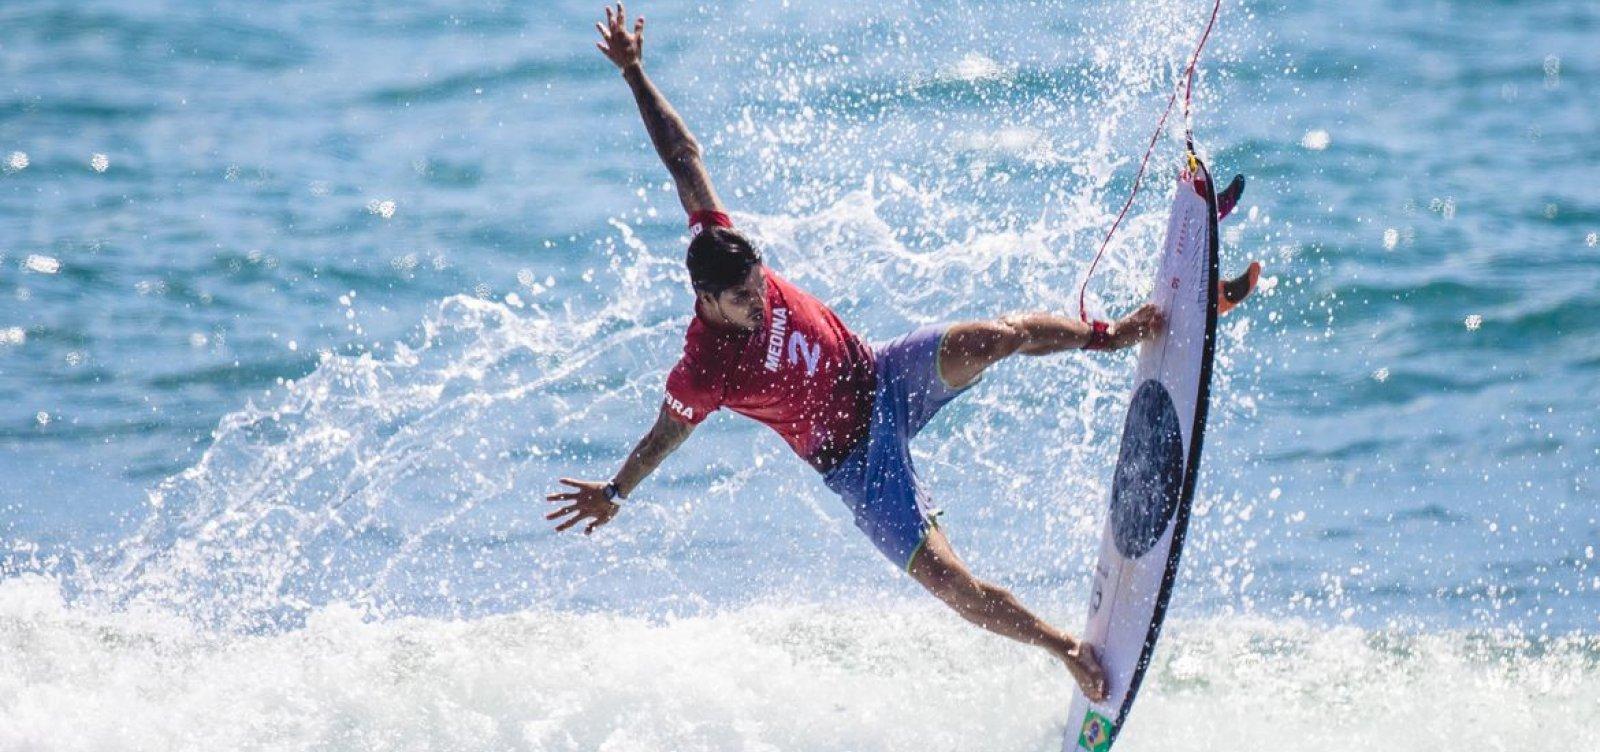 Olímpiadas: oitavas do surfe começam neste domingo com quatro brasileiros